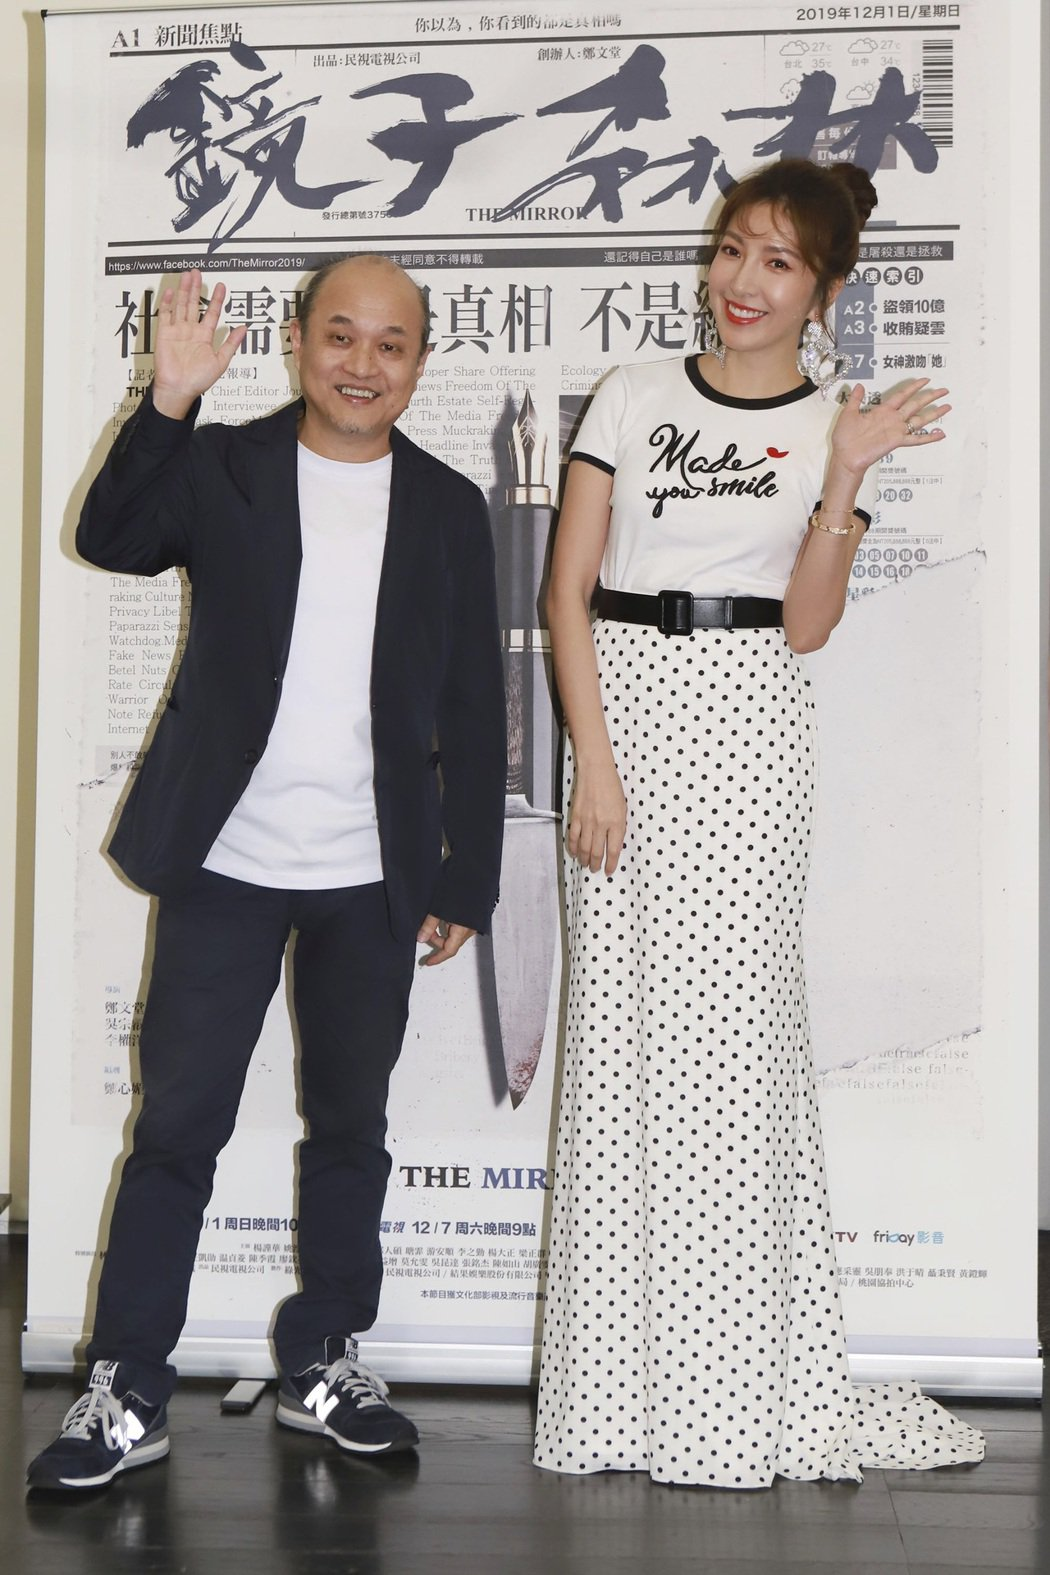 導演鄭文堂(左)、楊謹華出席「鏡子森林」特映會。圖/民視提供